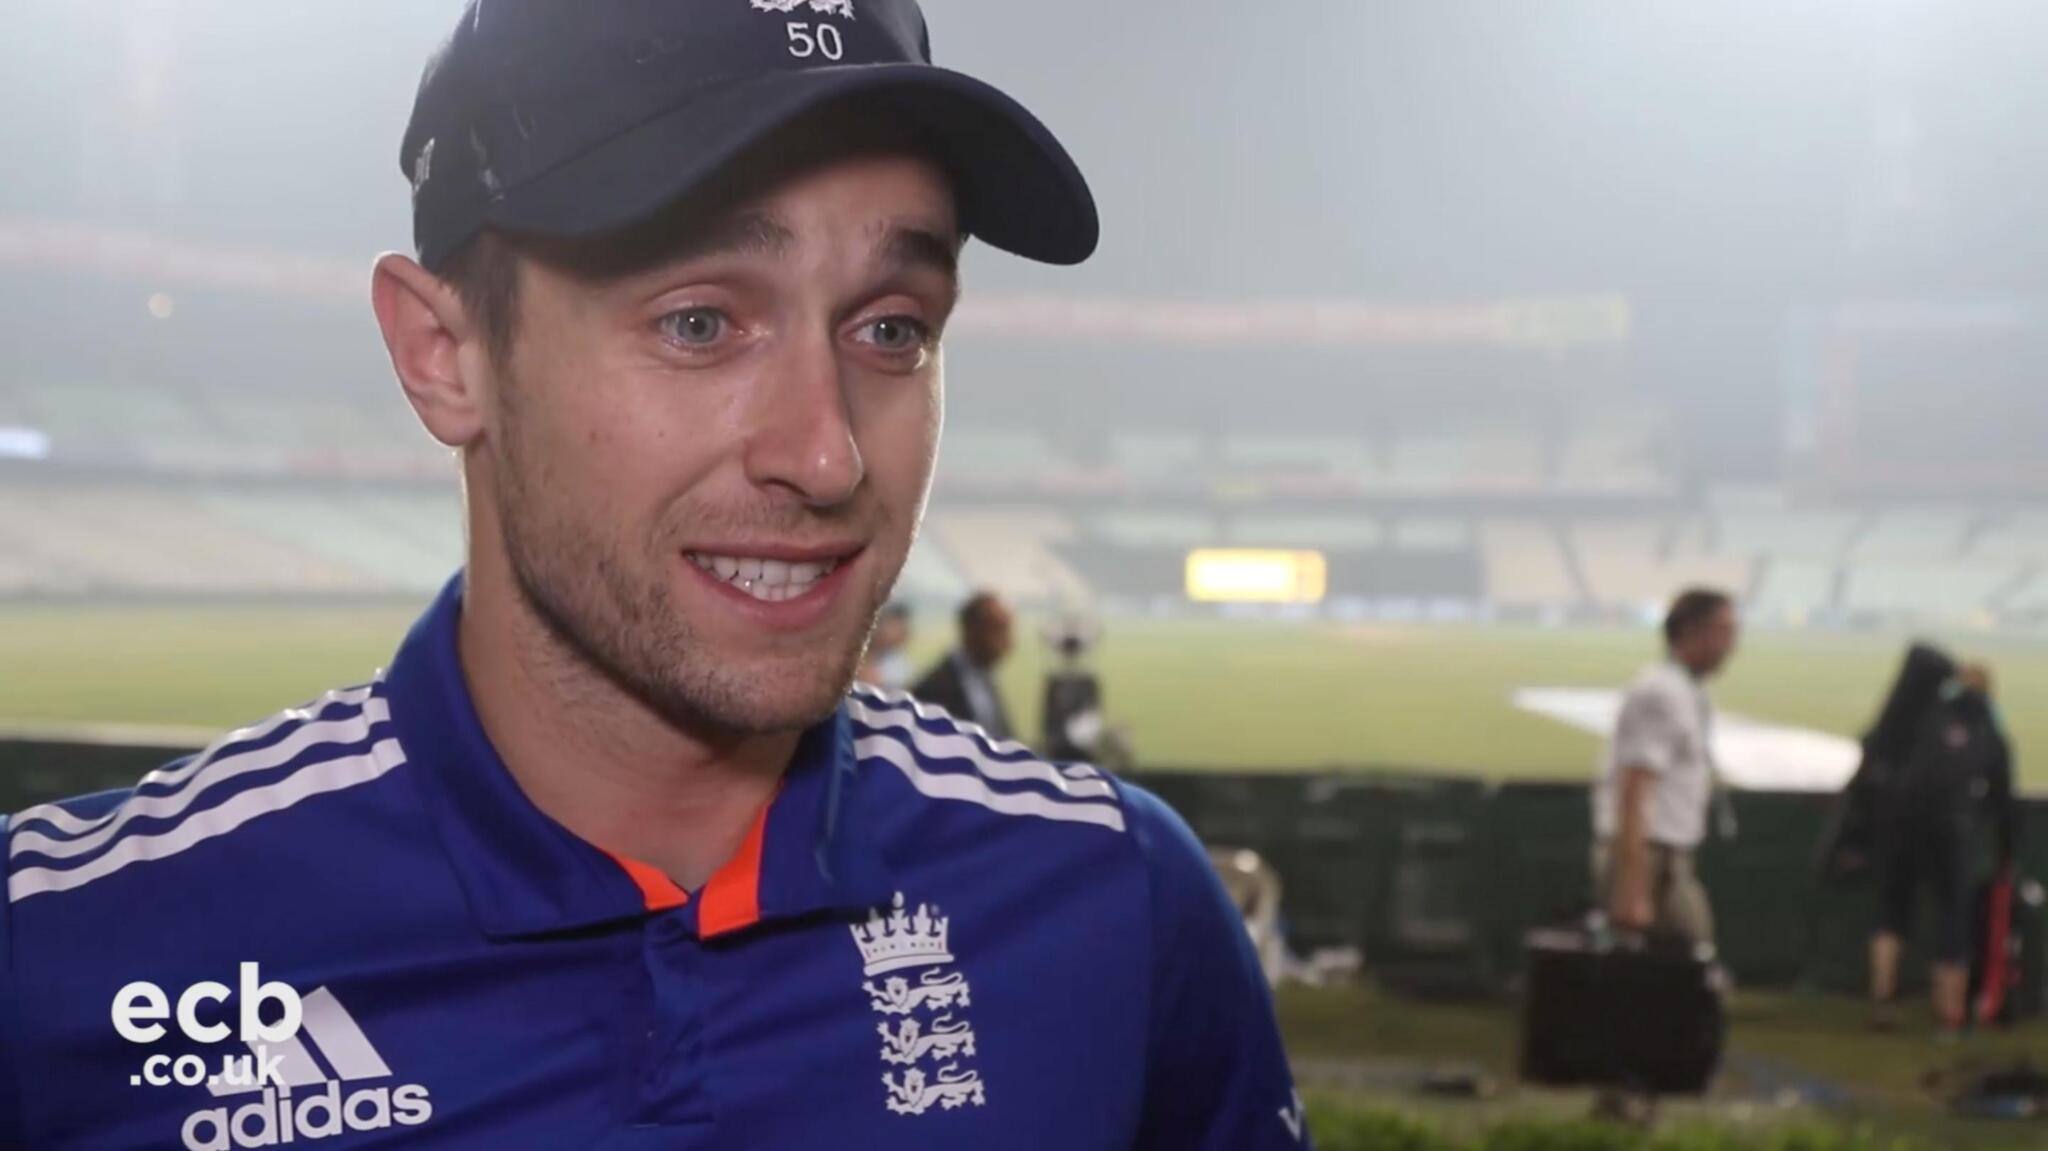 CWC 2019: इंग्लैंड के तेज गेंदबाज क्रिस वोक्स ने इस टीम को इंग्लैंड के लिए बताया खतरा, वार्नर-स्मिथ की तारीफ़